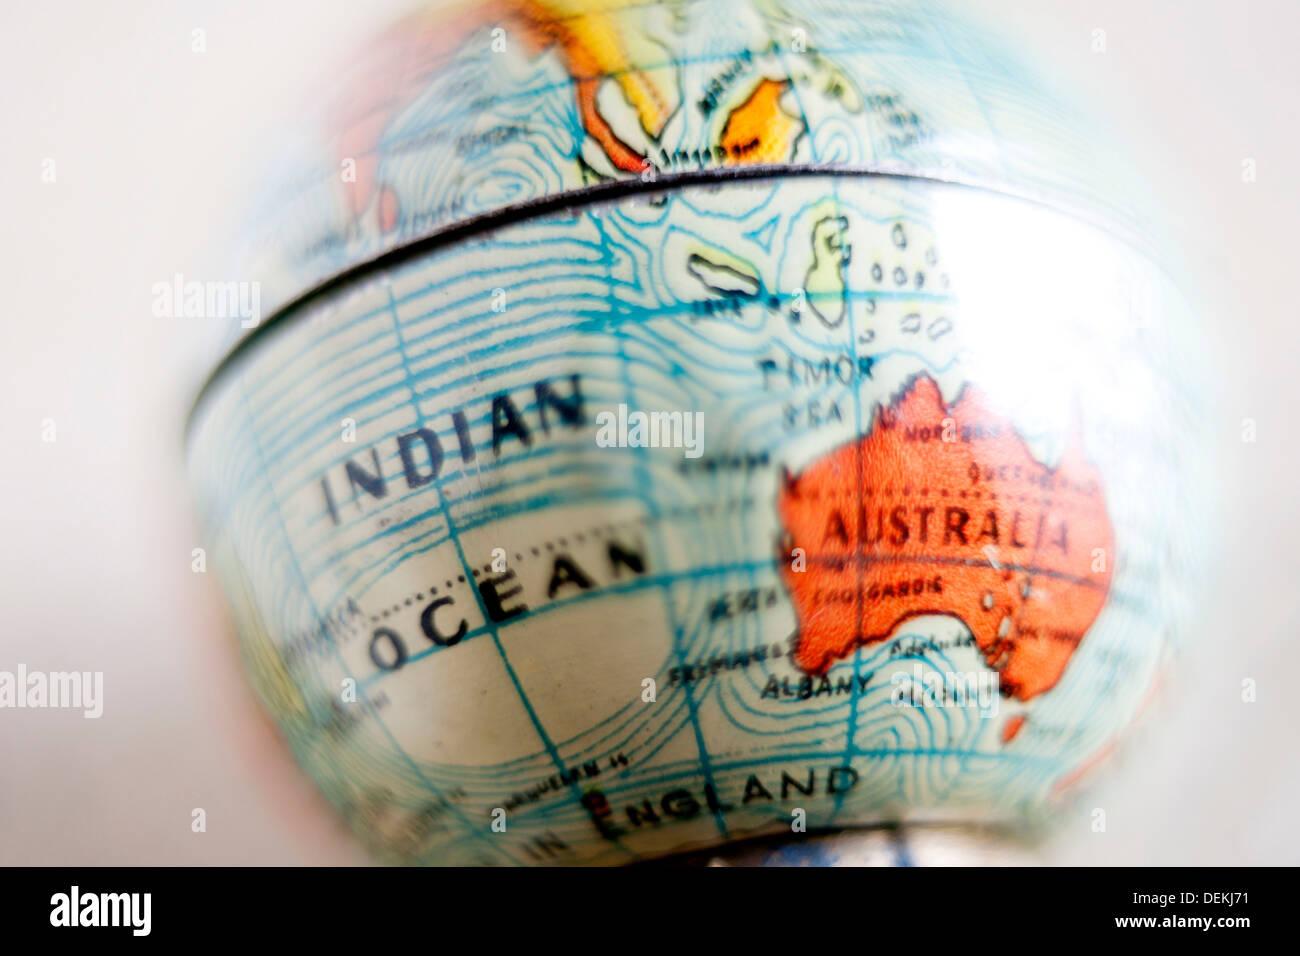 Bola del mundo, globo terraqueo, cinco continentes, Oceano Indico, Australia, oceania, situación, ubicación, viaje, viajar, - Stock Image